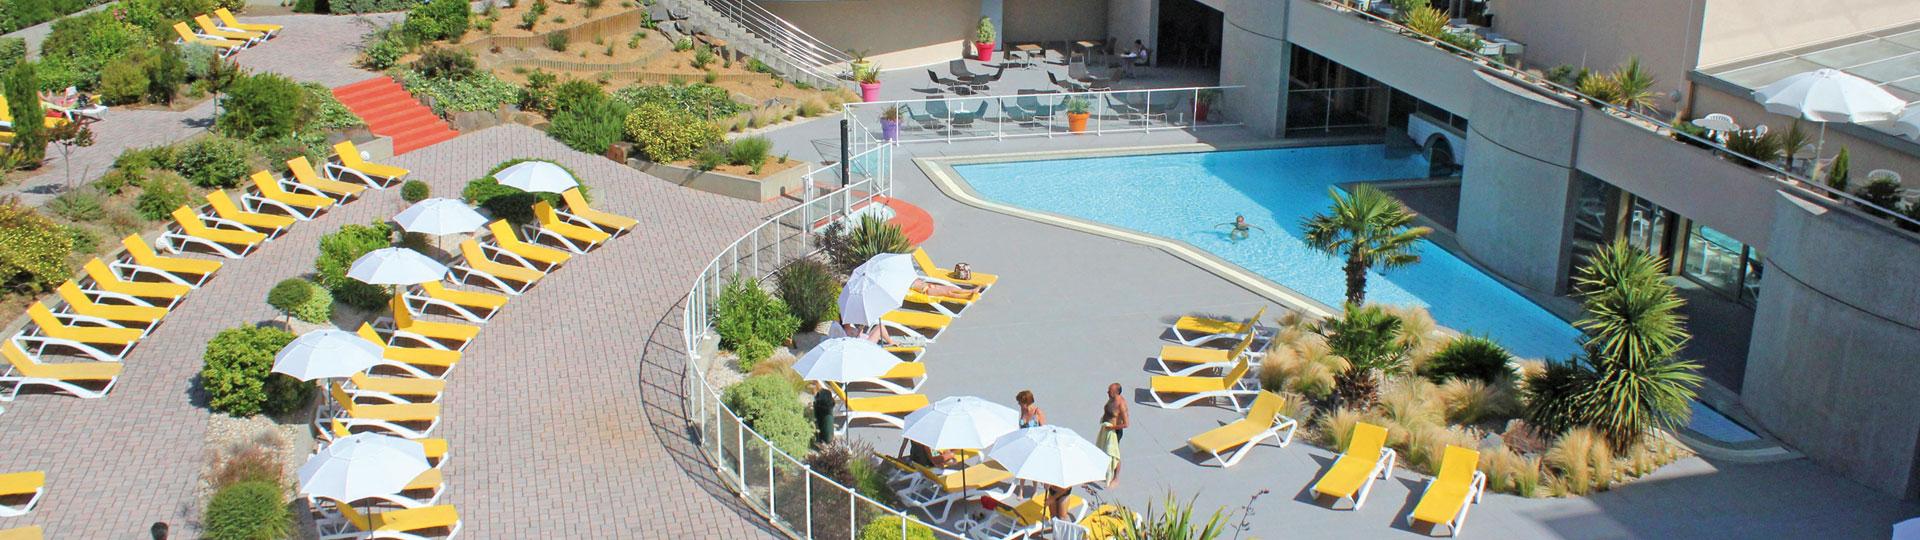 Spa - Hôtel*** Les Jardins de l'Atlantique